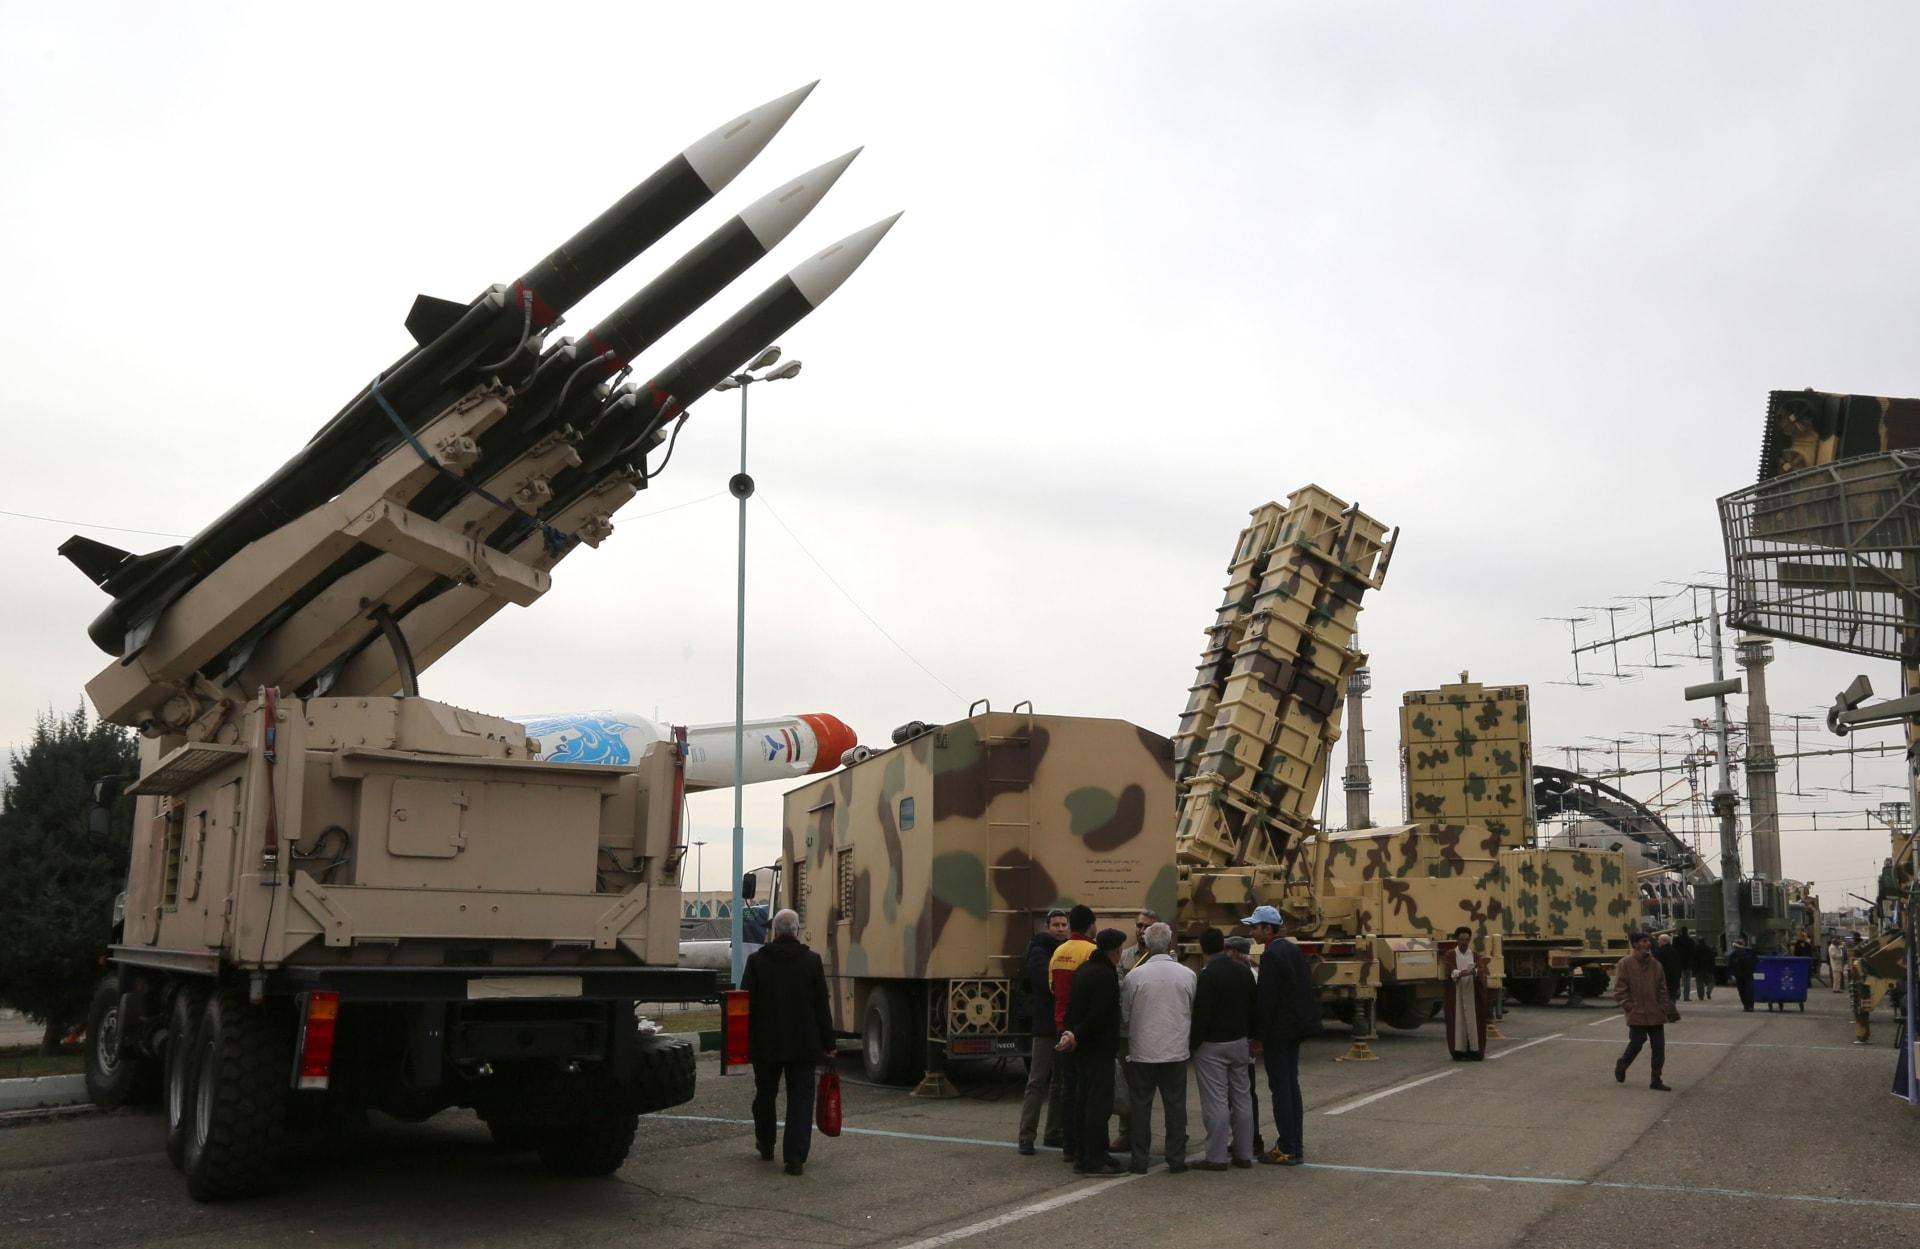 في أول رد على مقتل سليماني.. الحرس الثوري الإيراني يضرب قاعدة أمريكية بالعراق